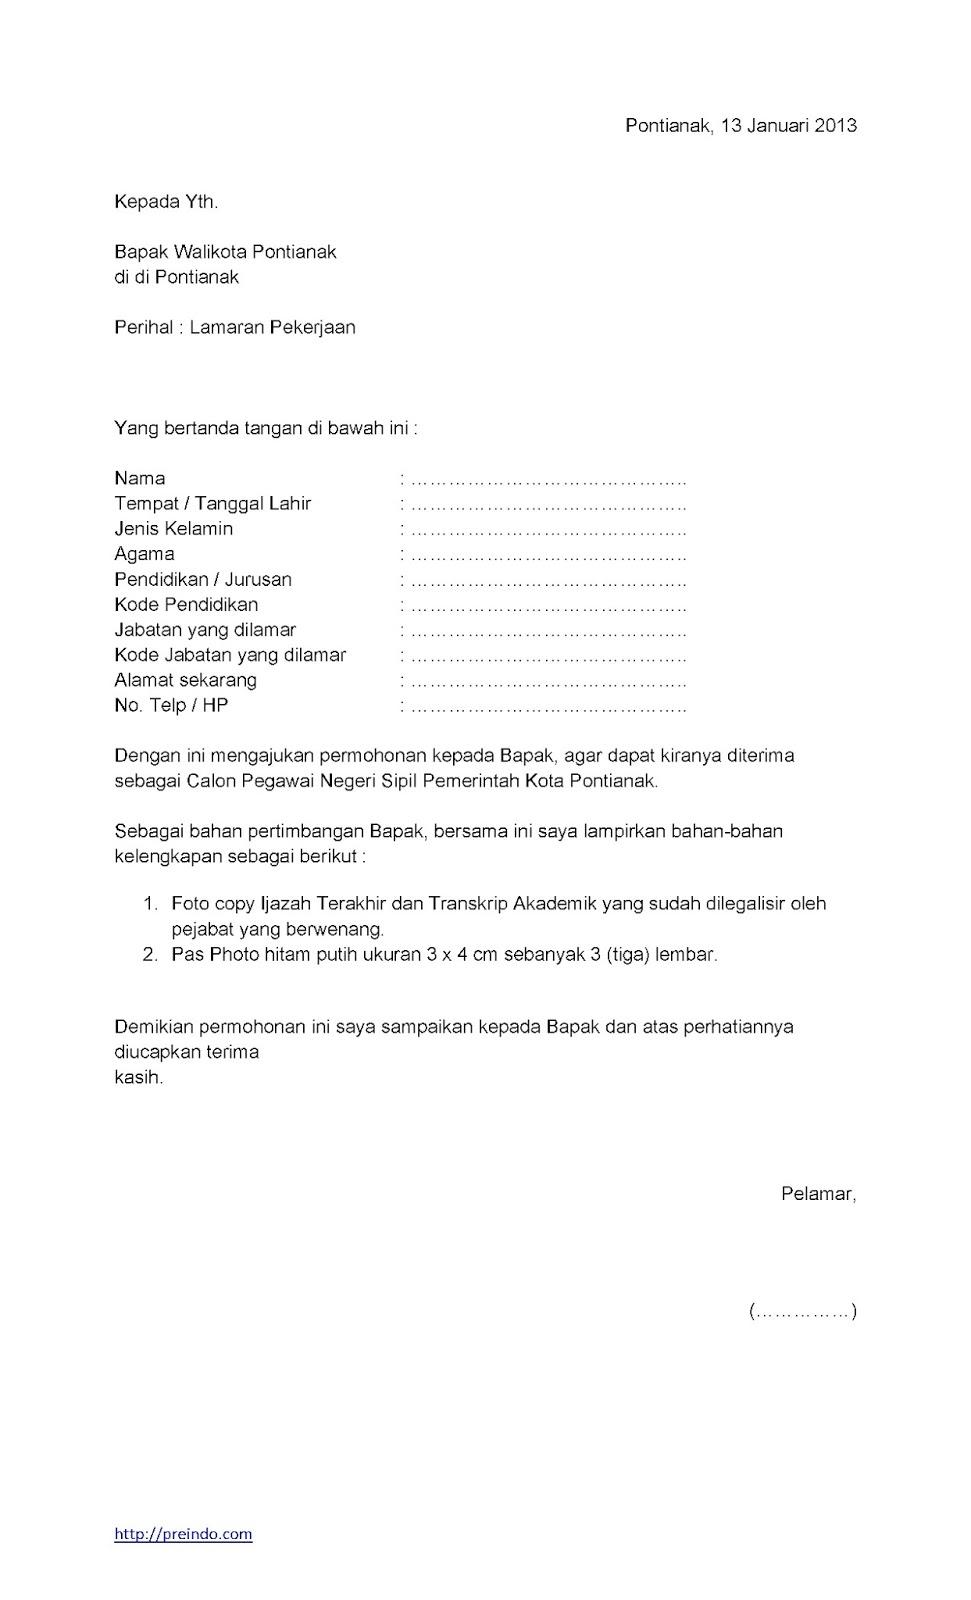 contoh surat lamaran kerja kantor dinas ben jobs